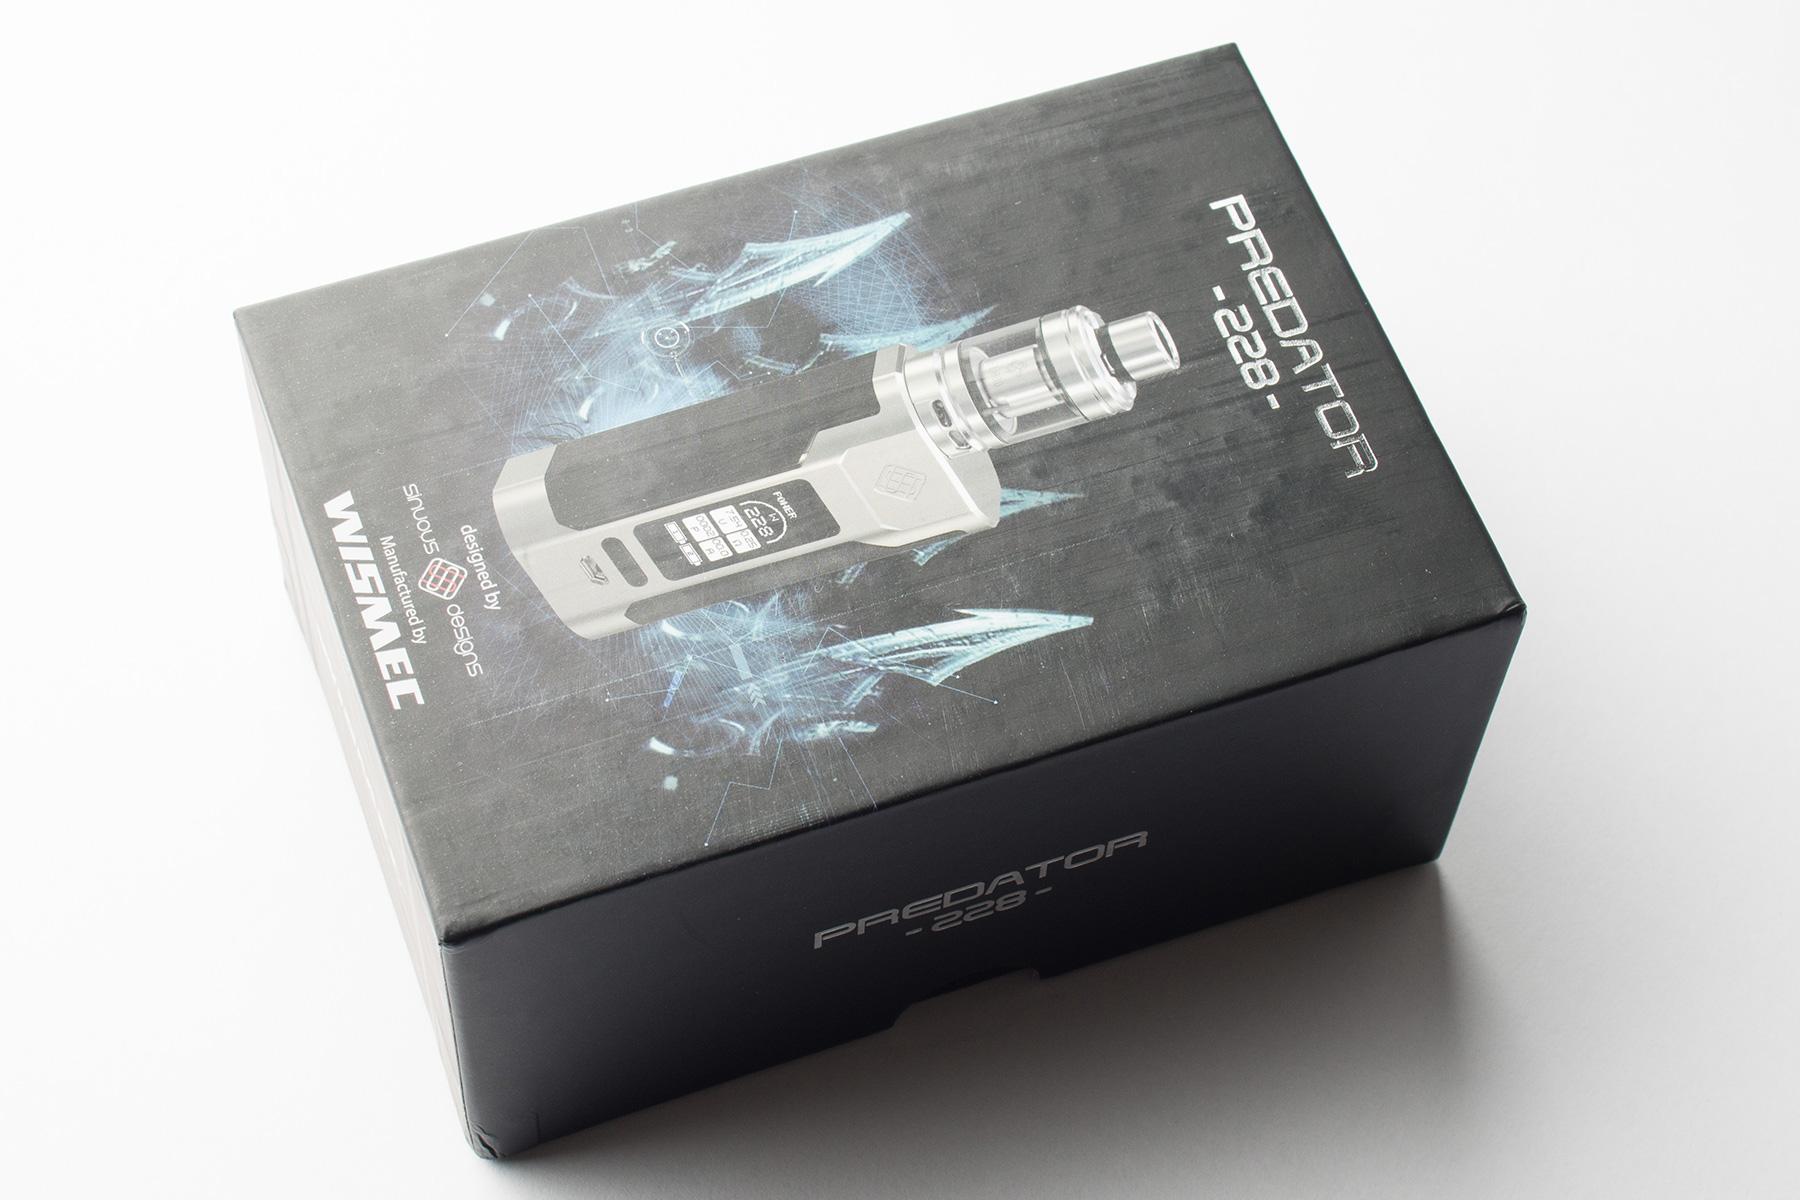 【スターターキット】Predator 228 with Elabo Kit「プレデター228 ウィズ エラドキッド」 (WISMEC ウィスメック) レビュー